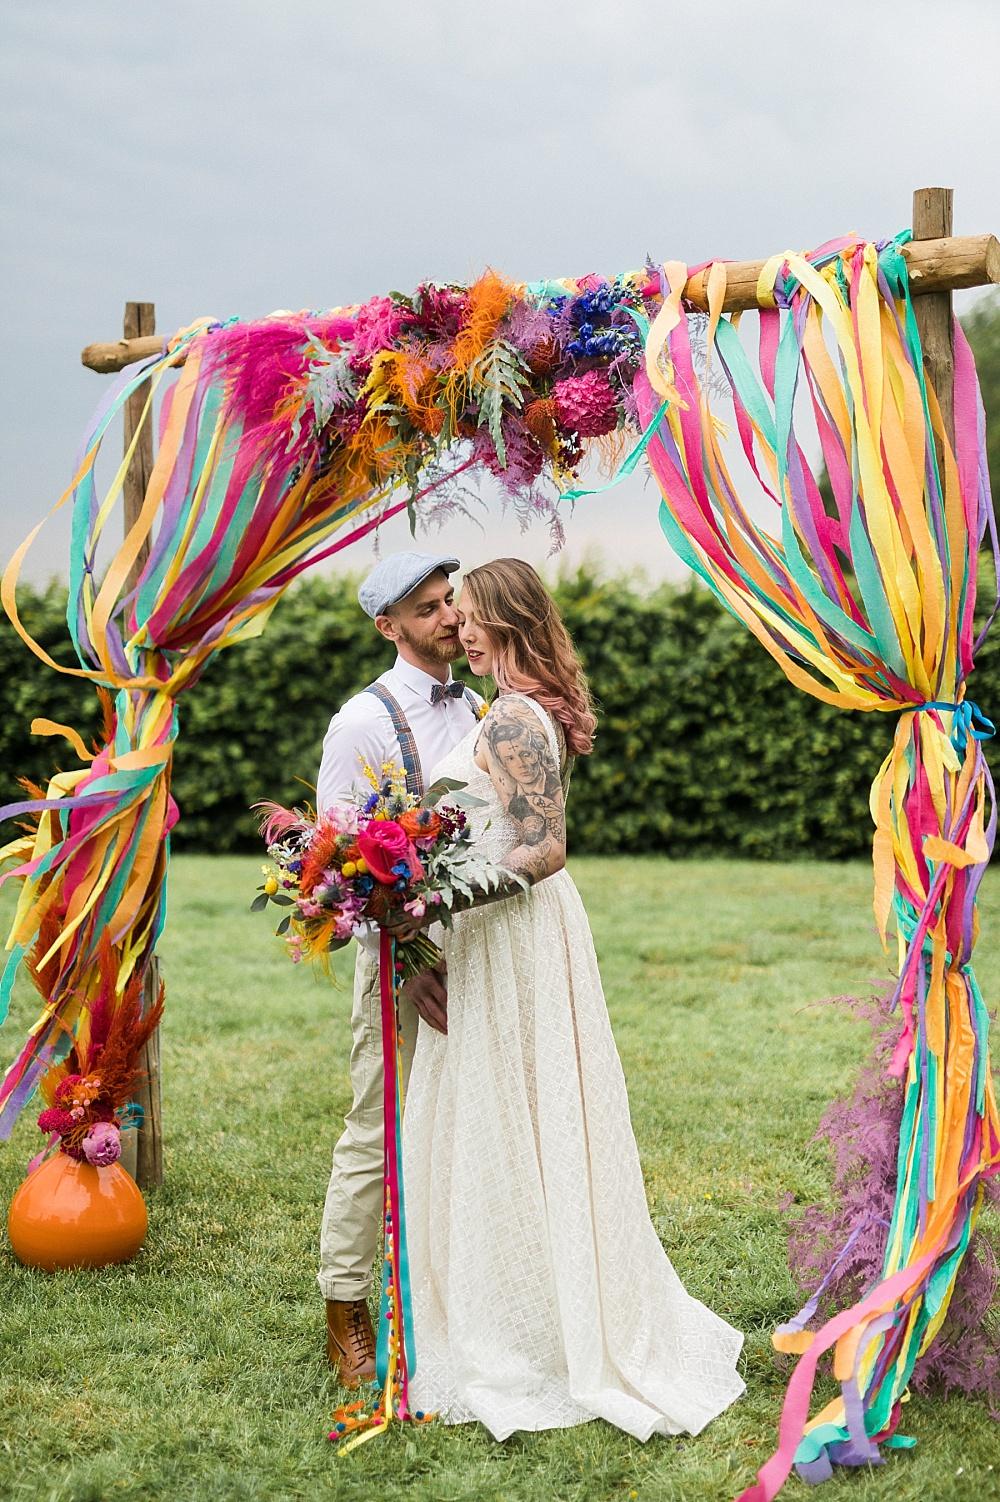 Festival Hochzeit mit Traubogen, bunte Festival Hochzeit, Tattoo Braut